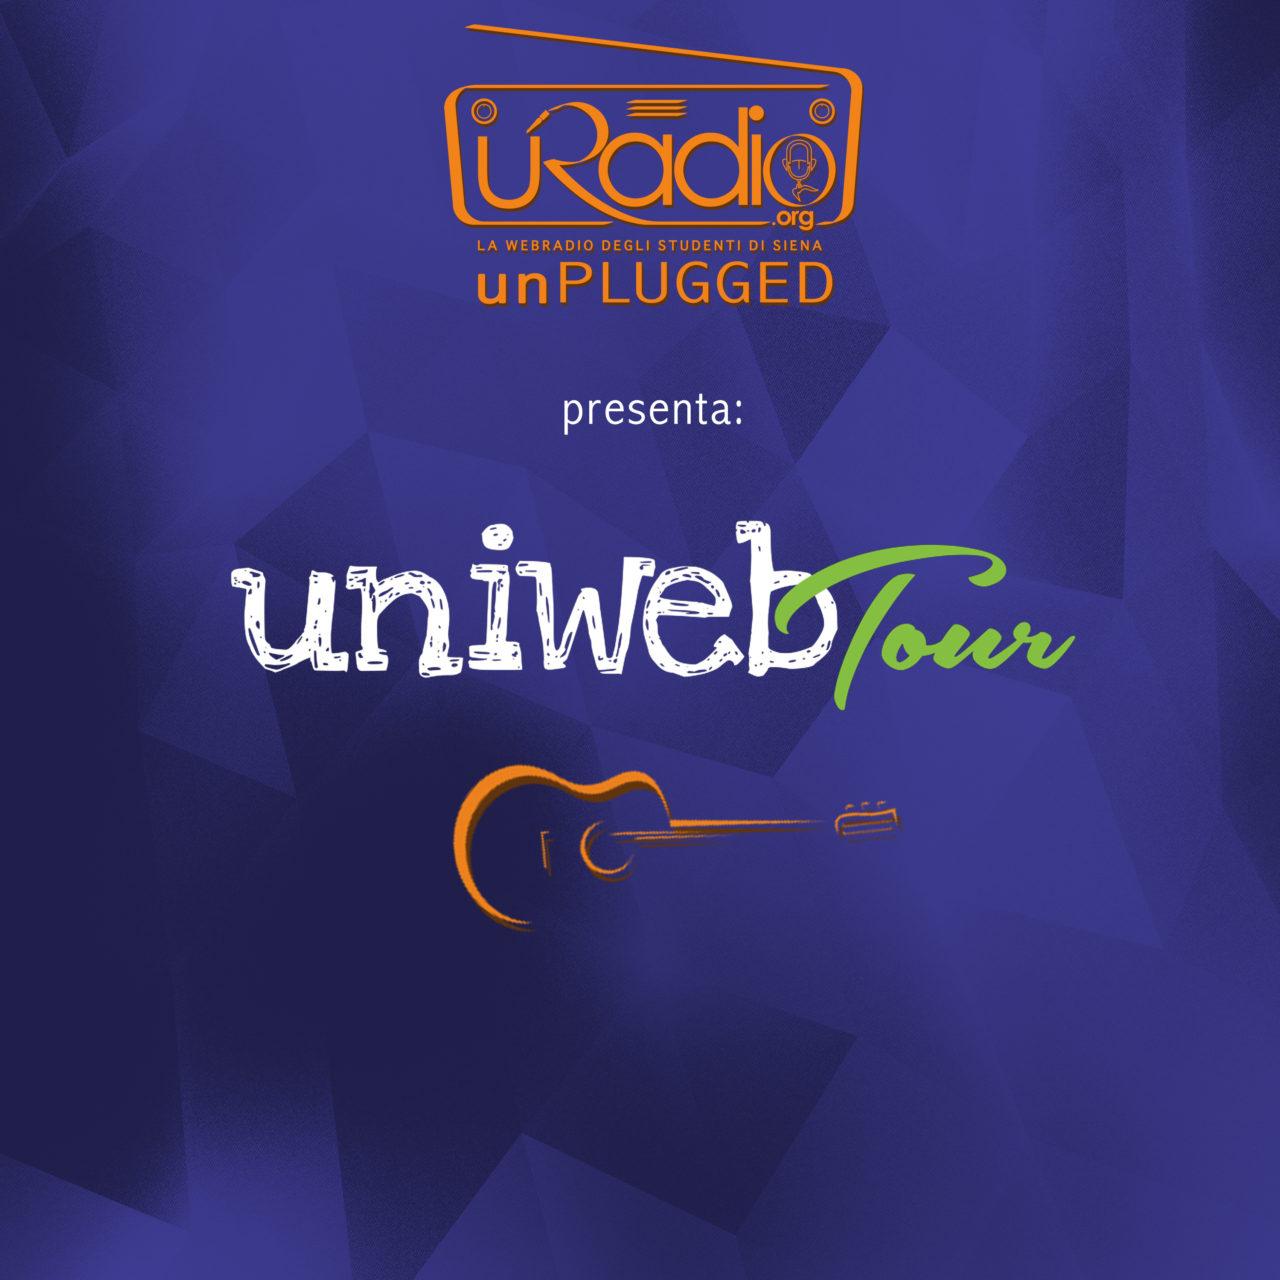 uRadio Unplugged Uniweb Tour